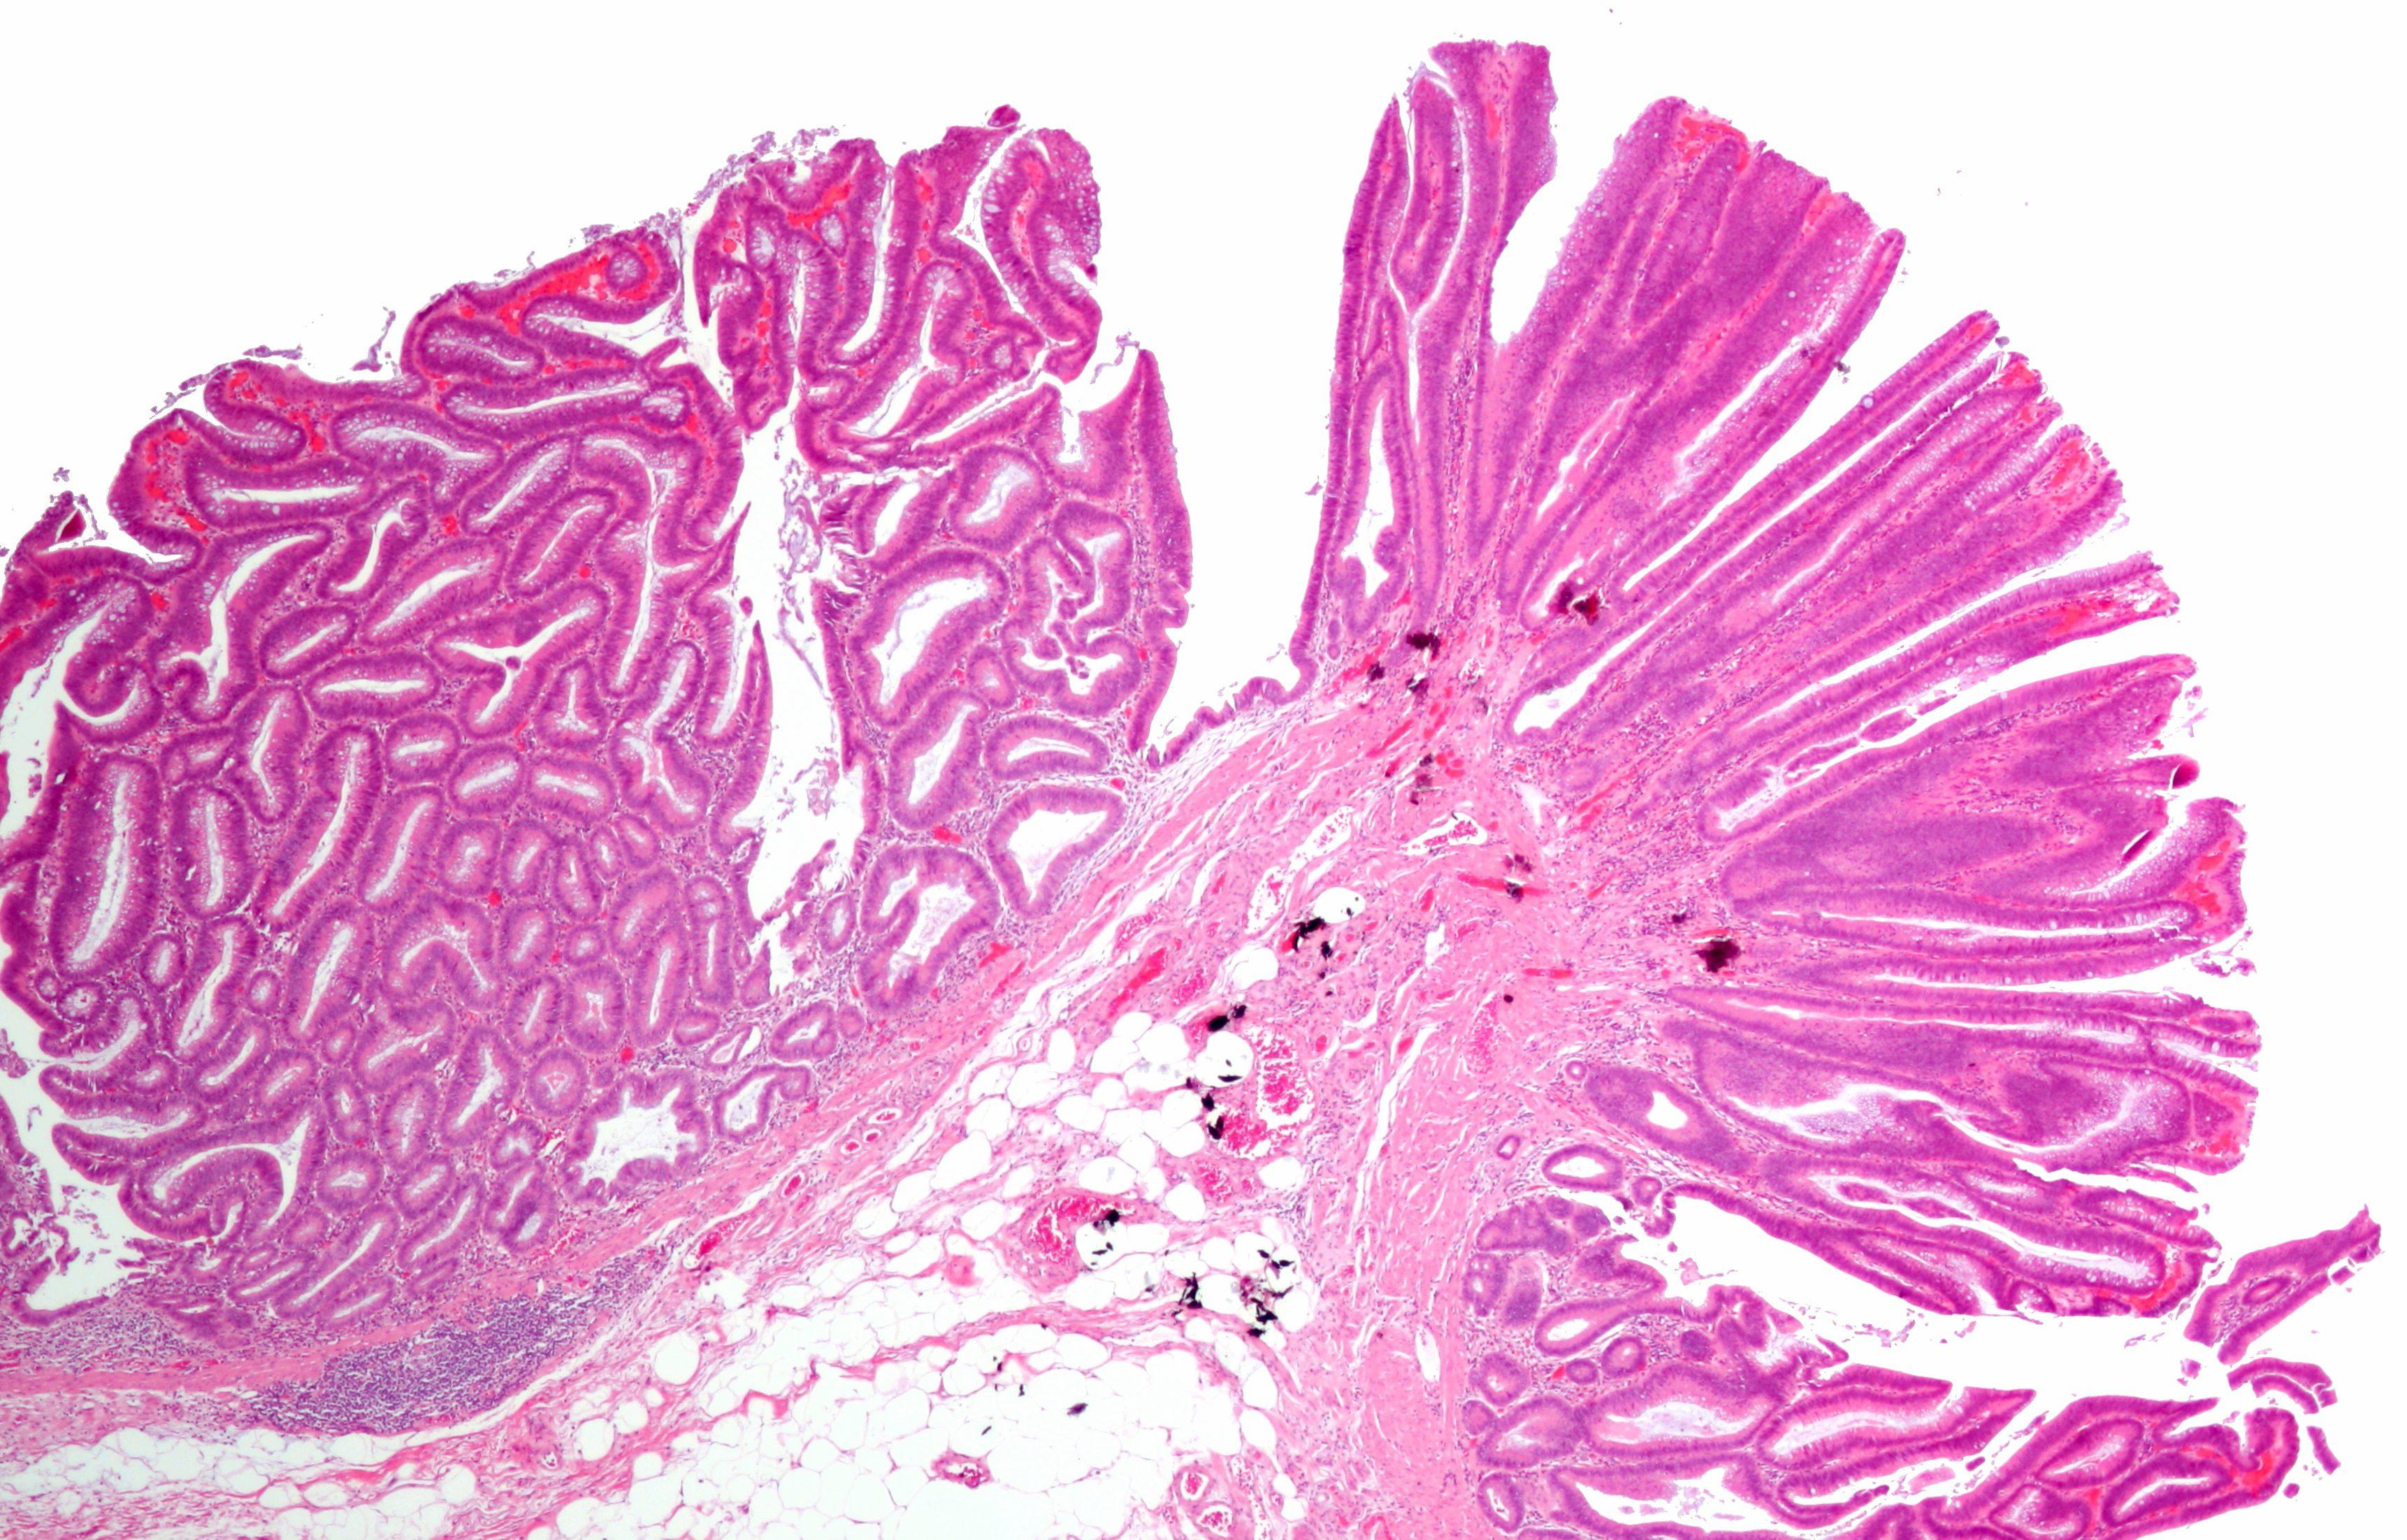 Analize Markeri tumorali - Preturi si informatii utile   Bioclinica